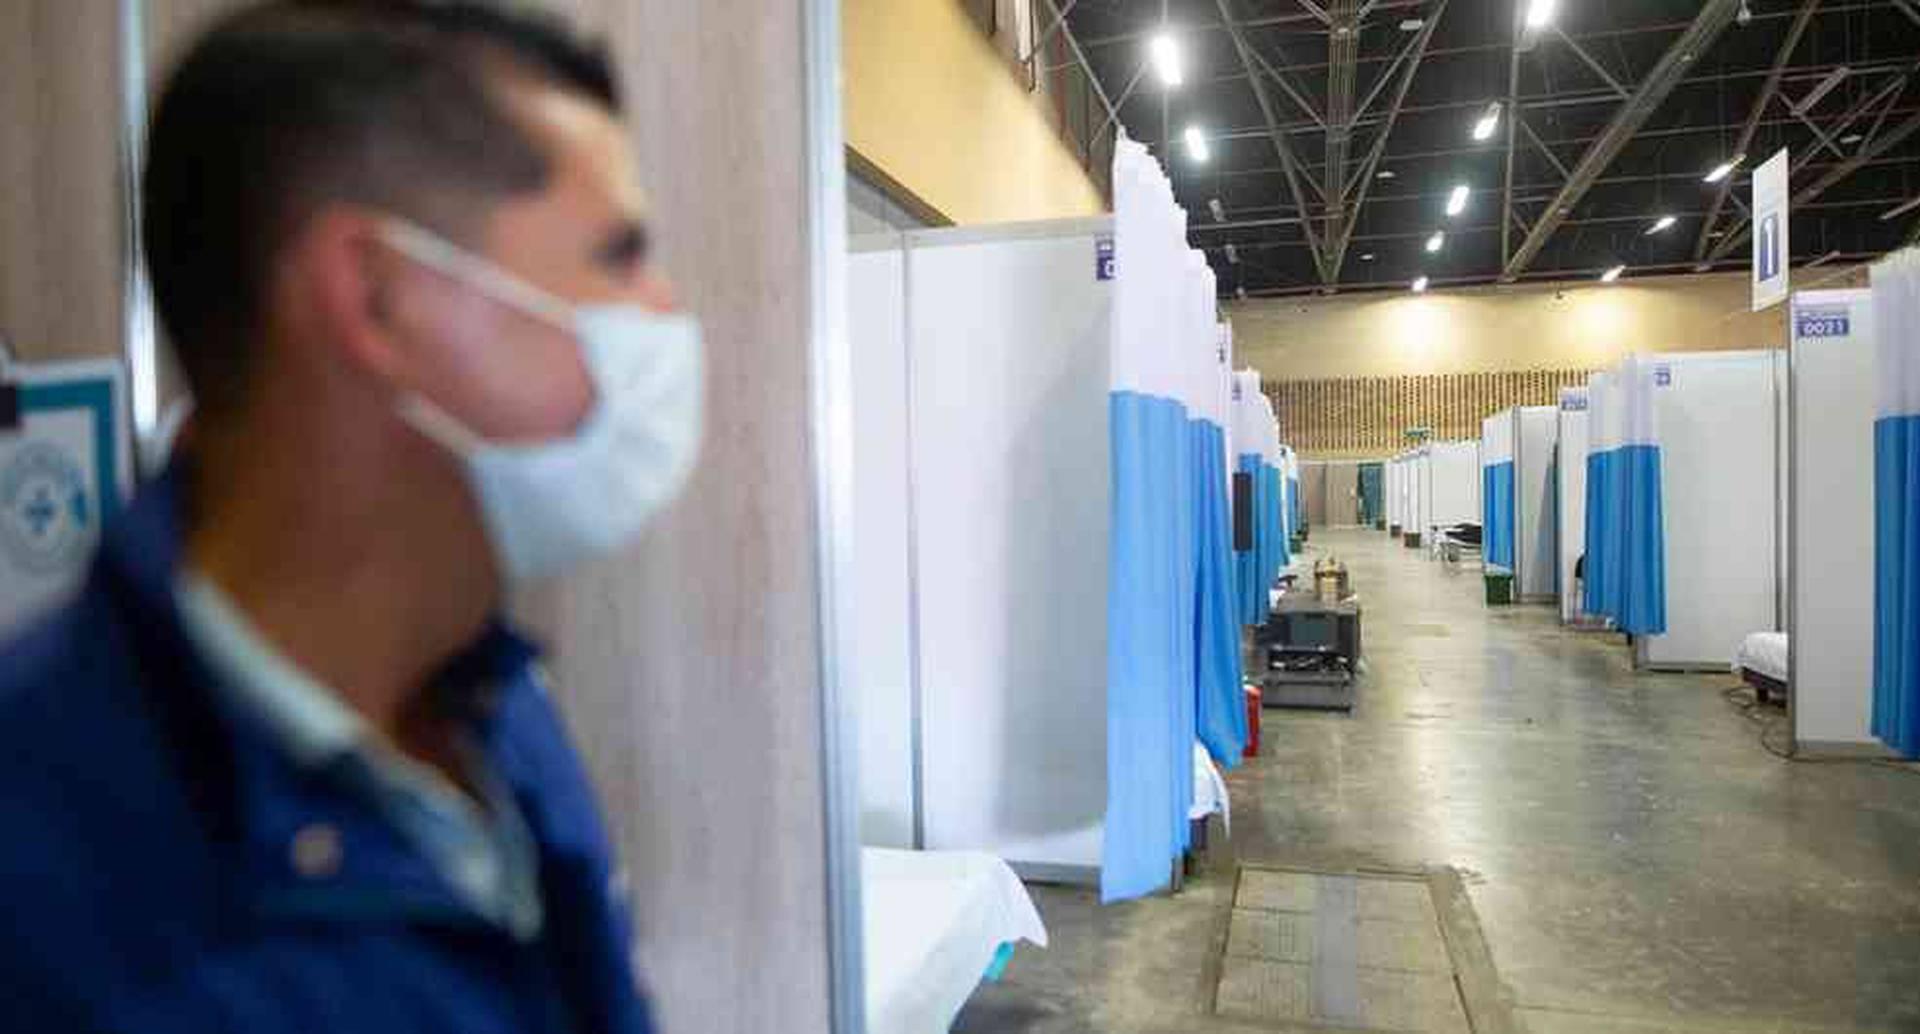 Un convenio entre Corferias, el Ministerio de Salud, la Alcaldía de Bogotá y la Gobernación de Cundinamarca prevé la adecuación de los pabellones para atender hasta cinco mil pacientes de coronavirus en la ciudad de Bogotá. Esteban Vega-SEMANA